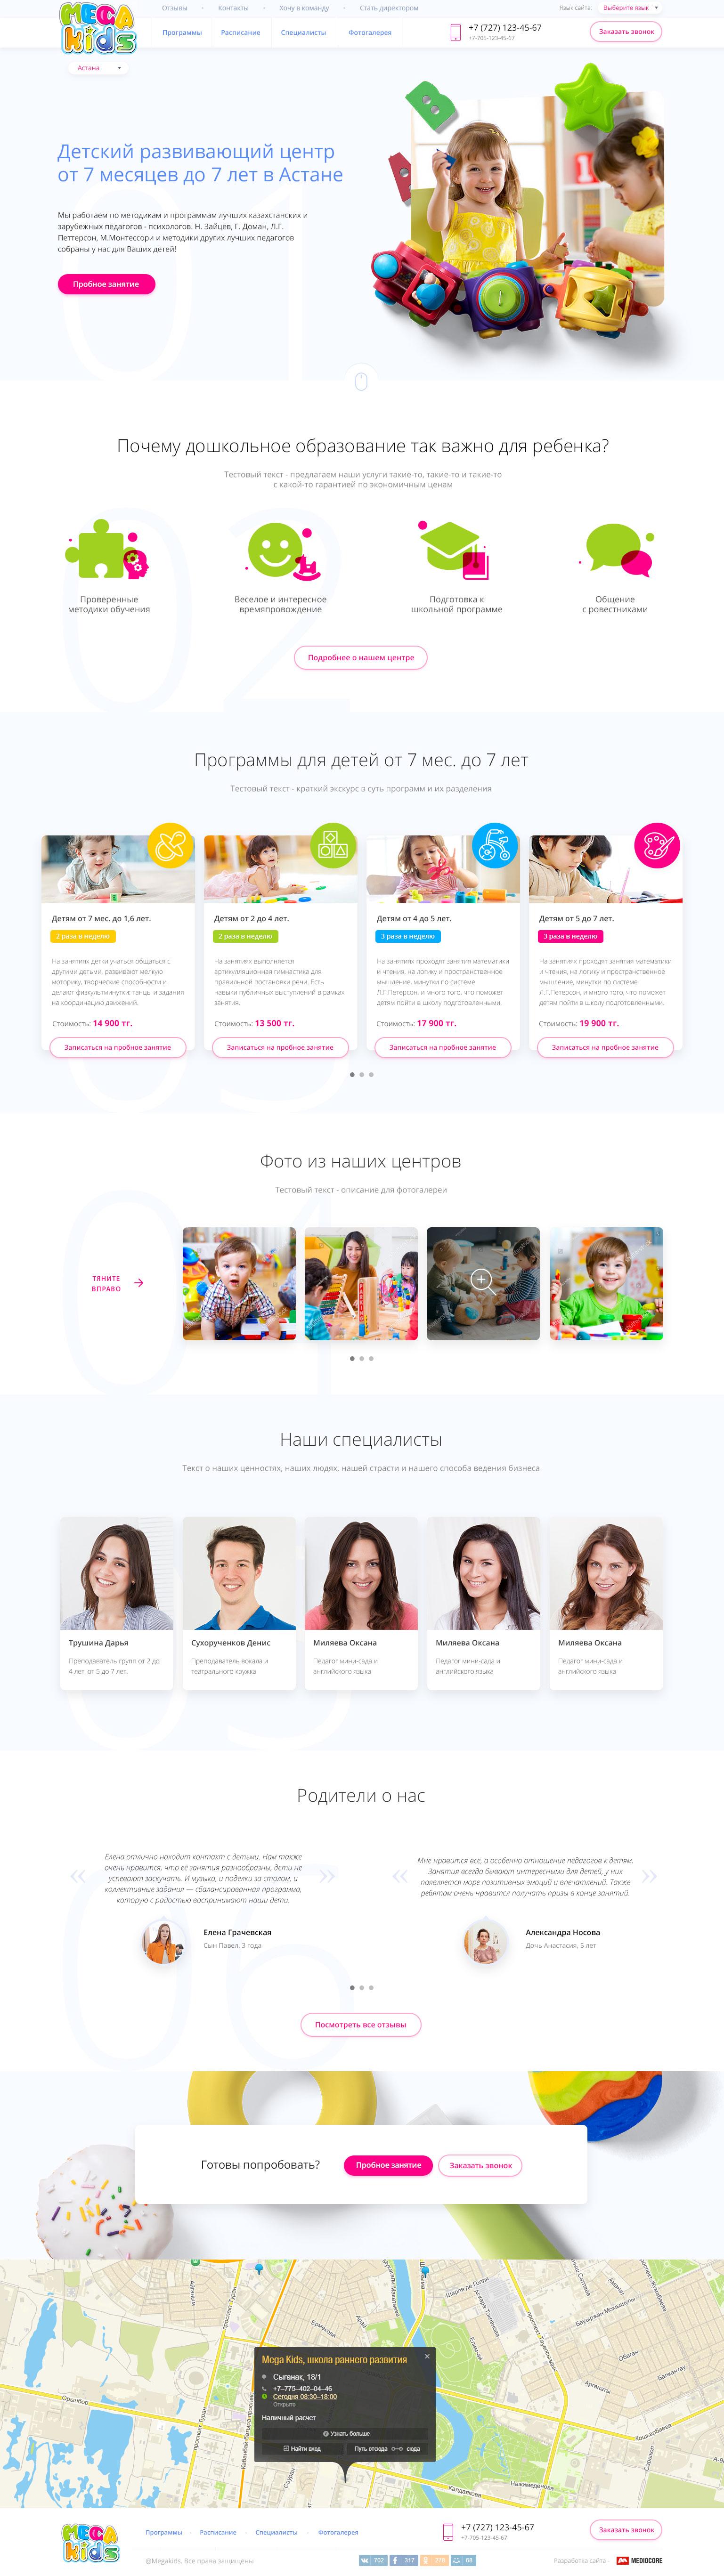 Megakids - сеть детских центров